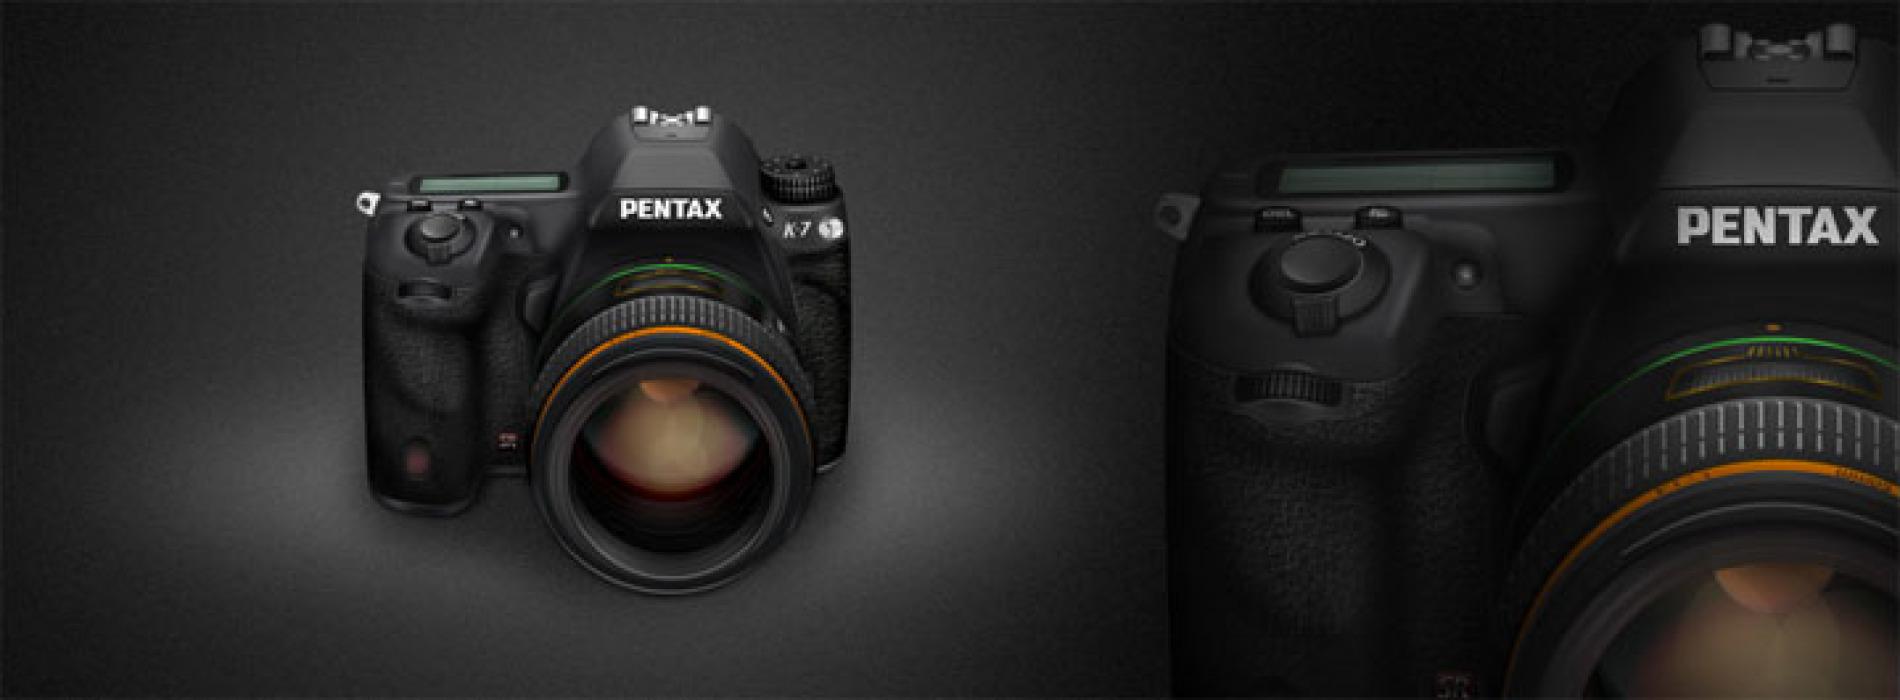 Ремонт зеркальных фотоаппаратов Pentax